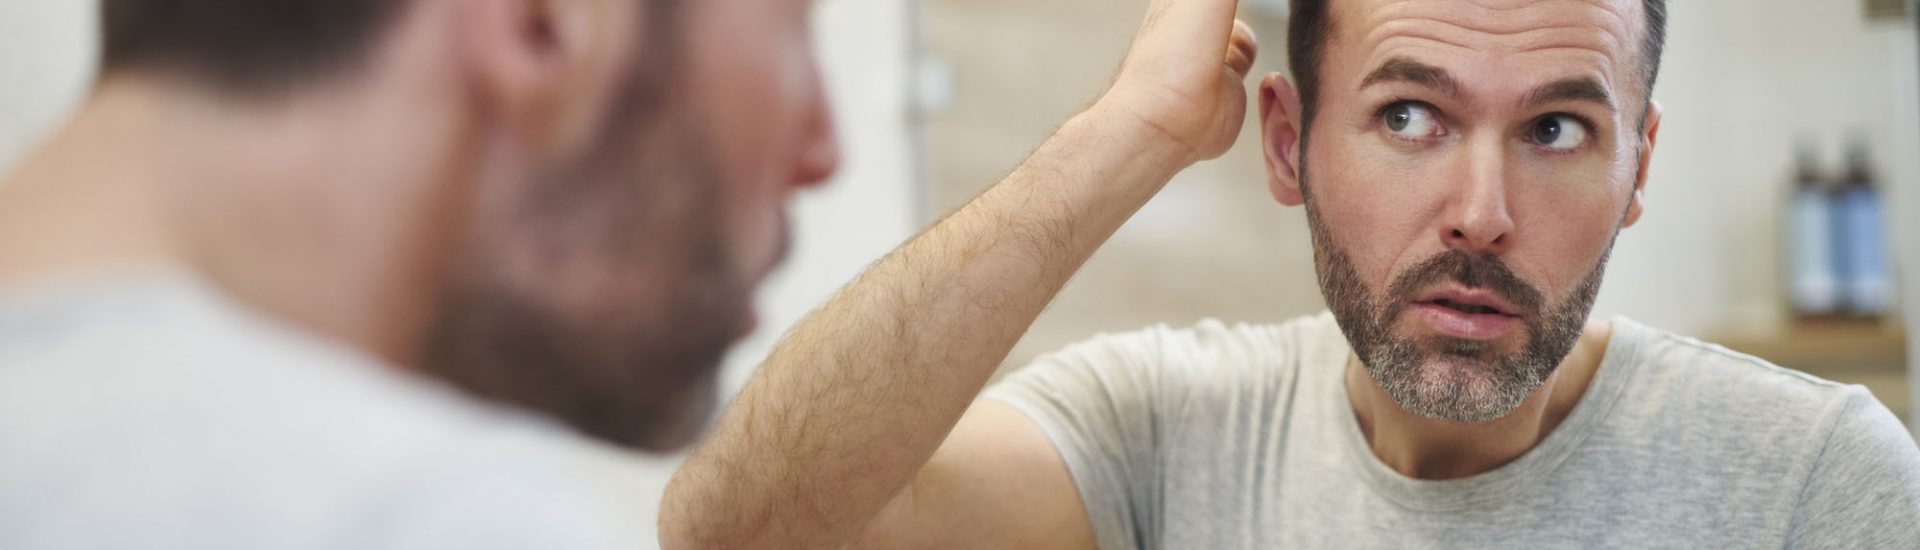 Haarausfall bei Männern: Arten, Ursachen & Mittel